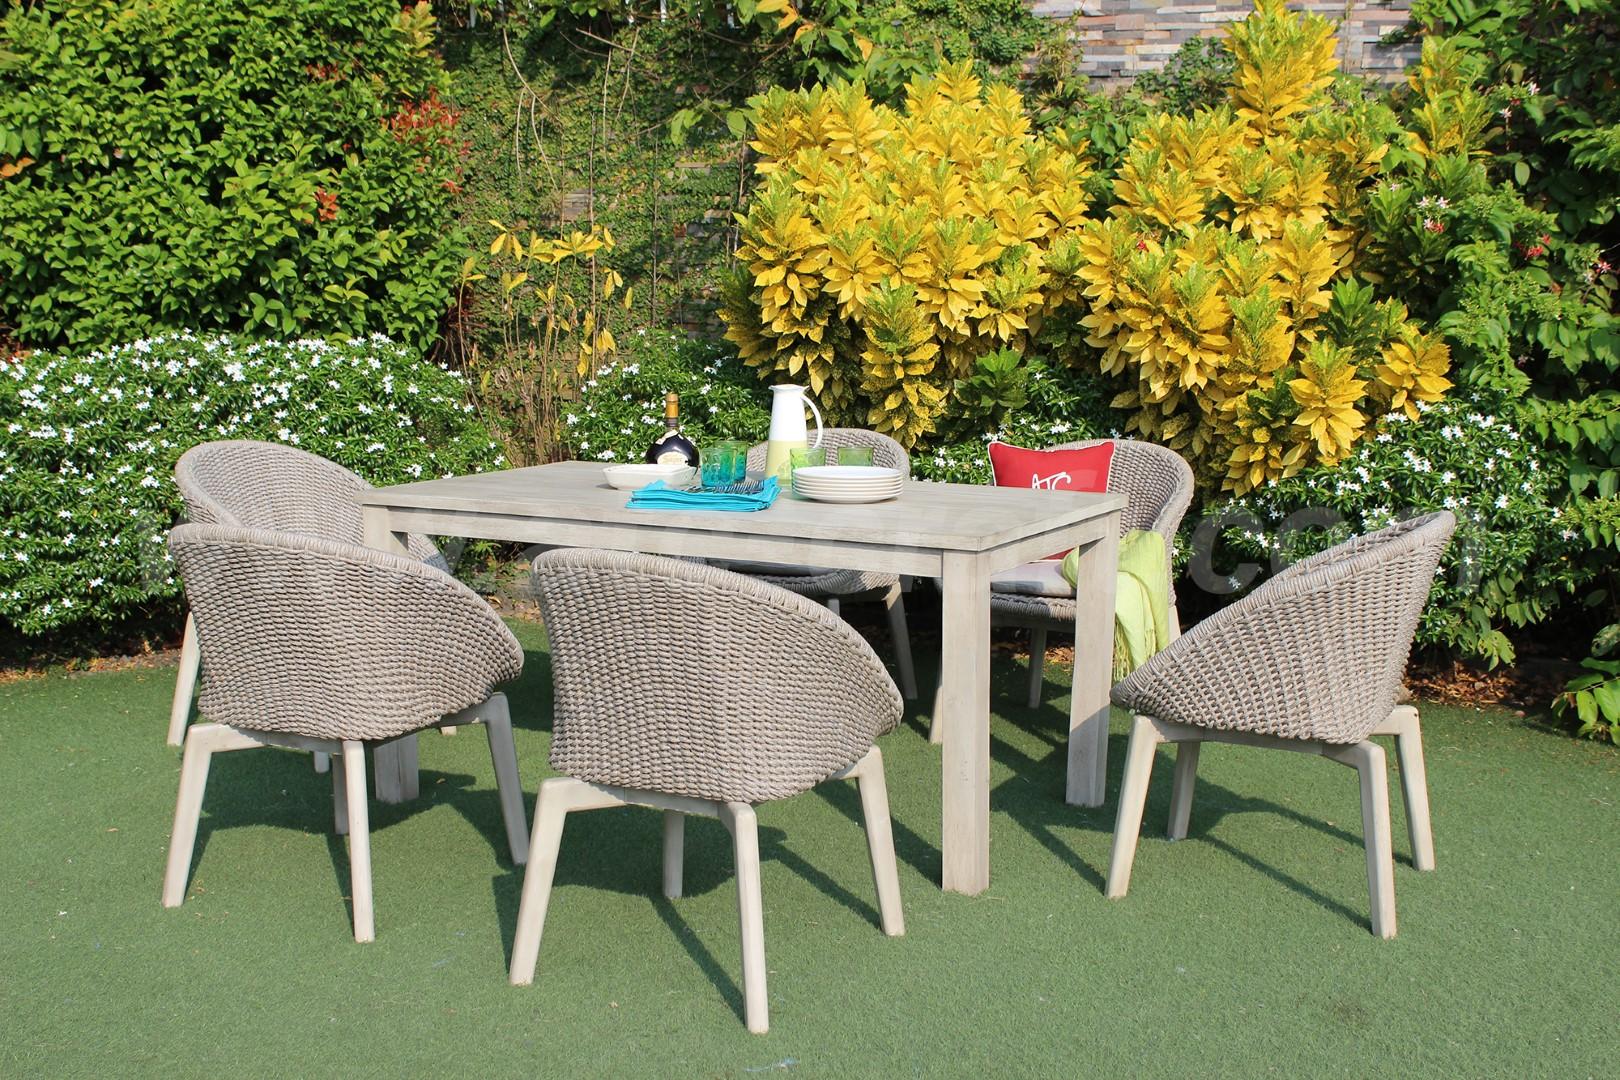 Bộ bàn ghế mây nhựa kết hợp gỗ